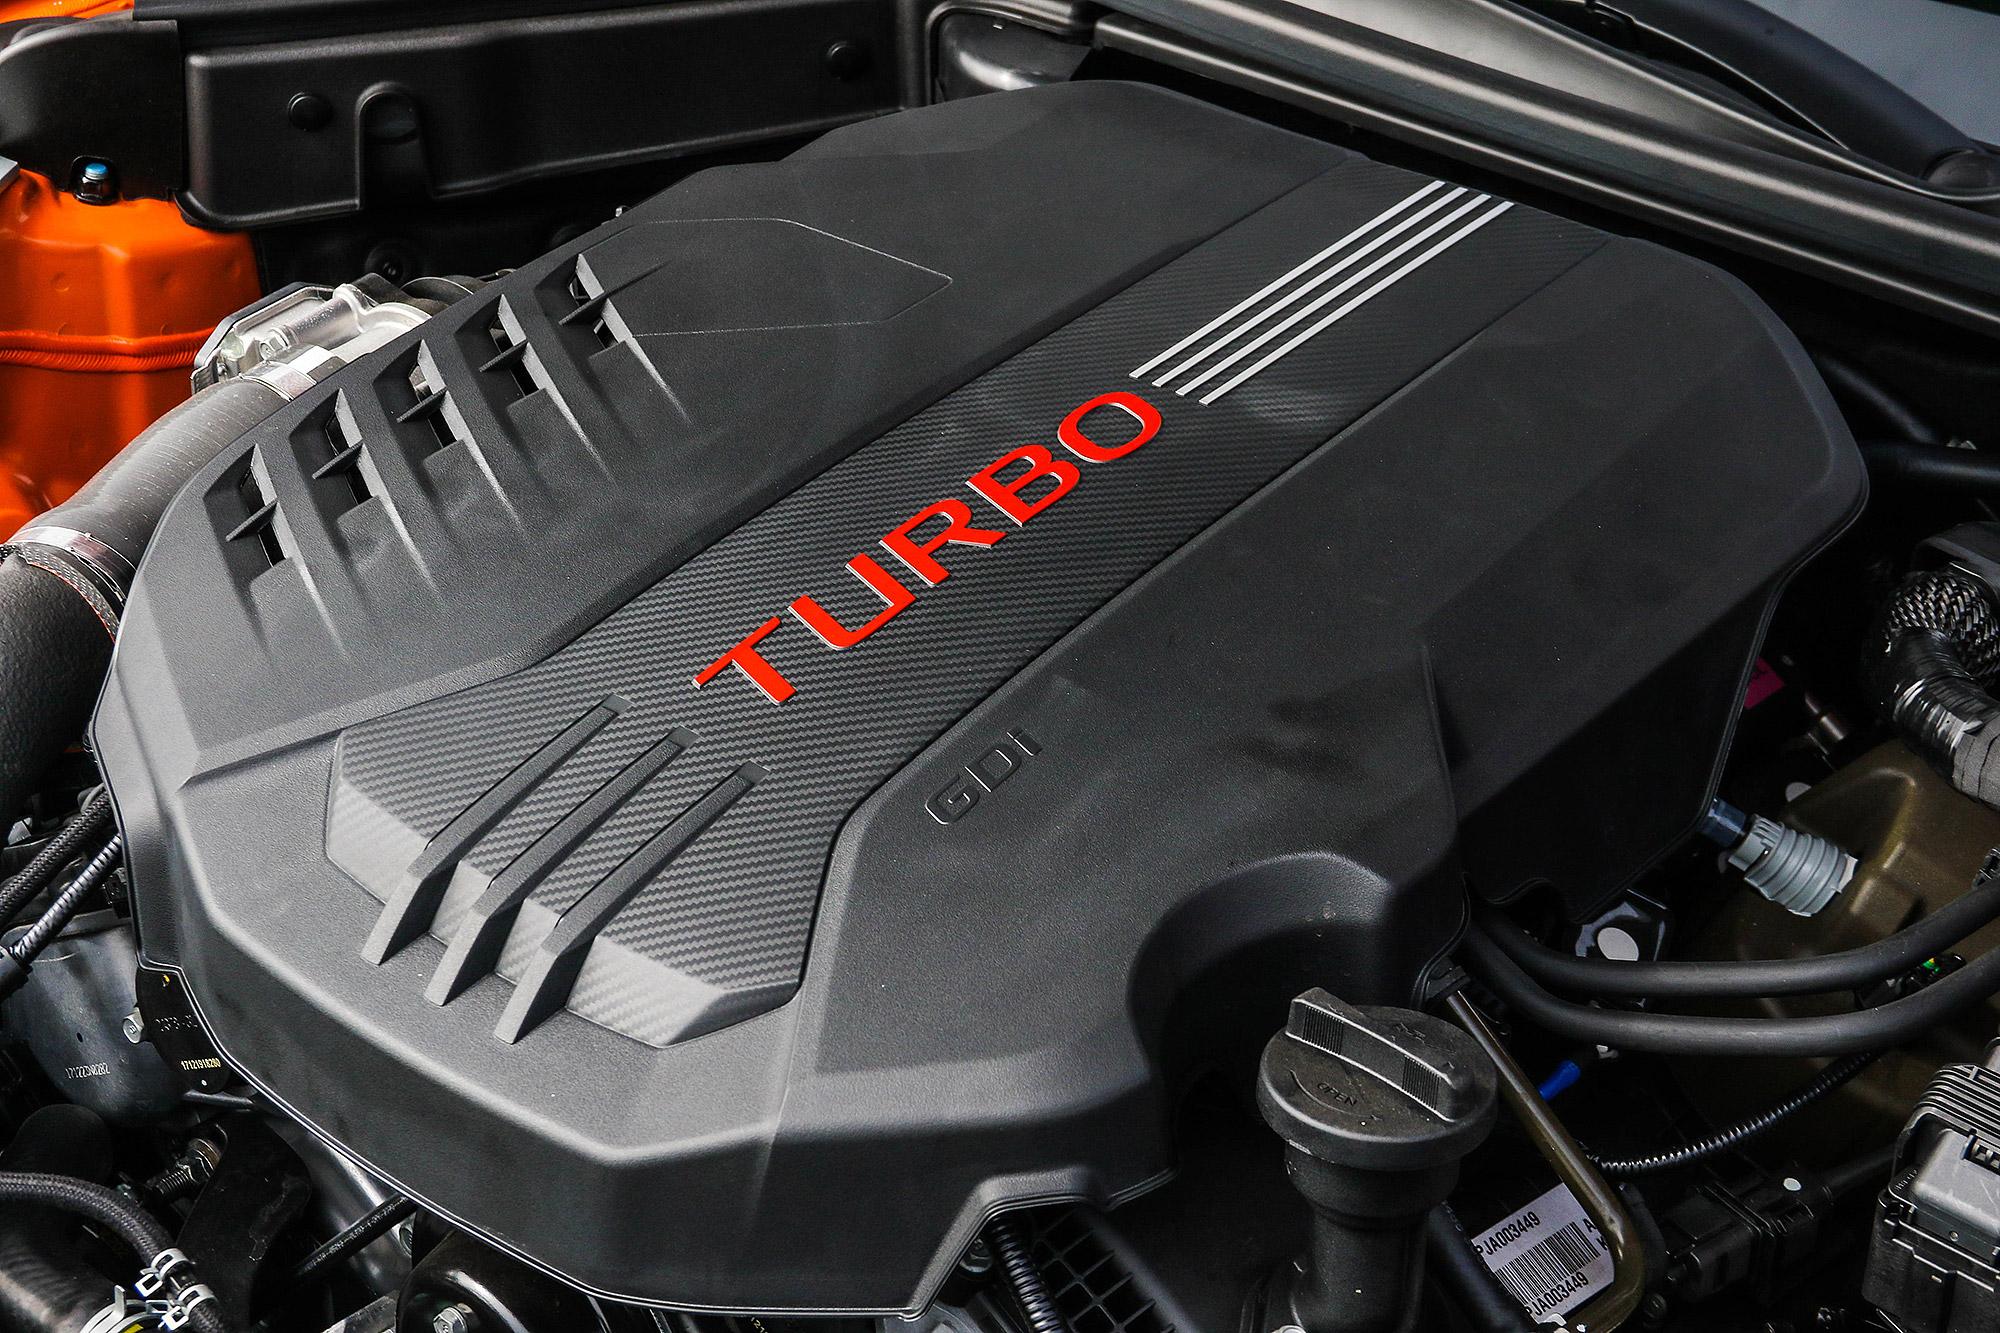 3.3 升 V6 雙渦輪增壓引擎具有 370 匹的最大馬力。